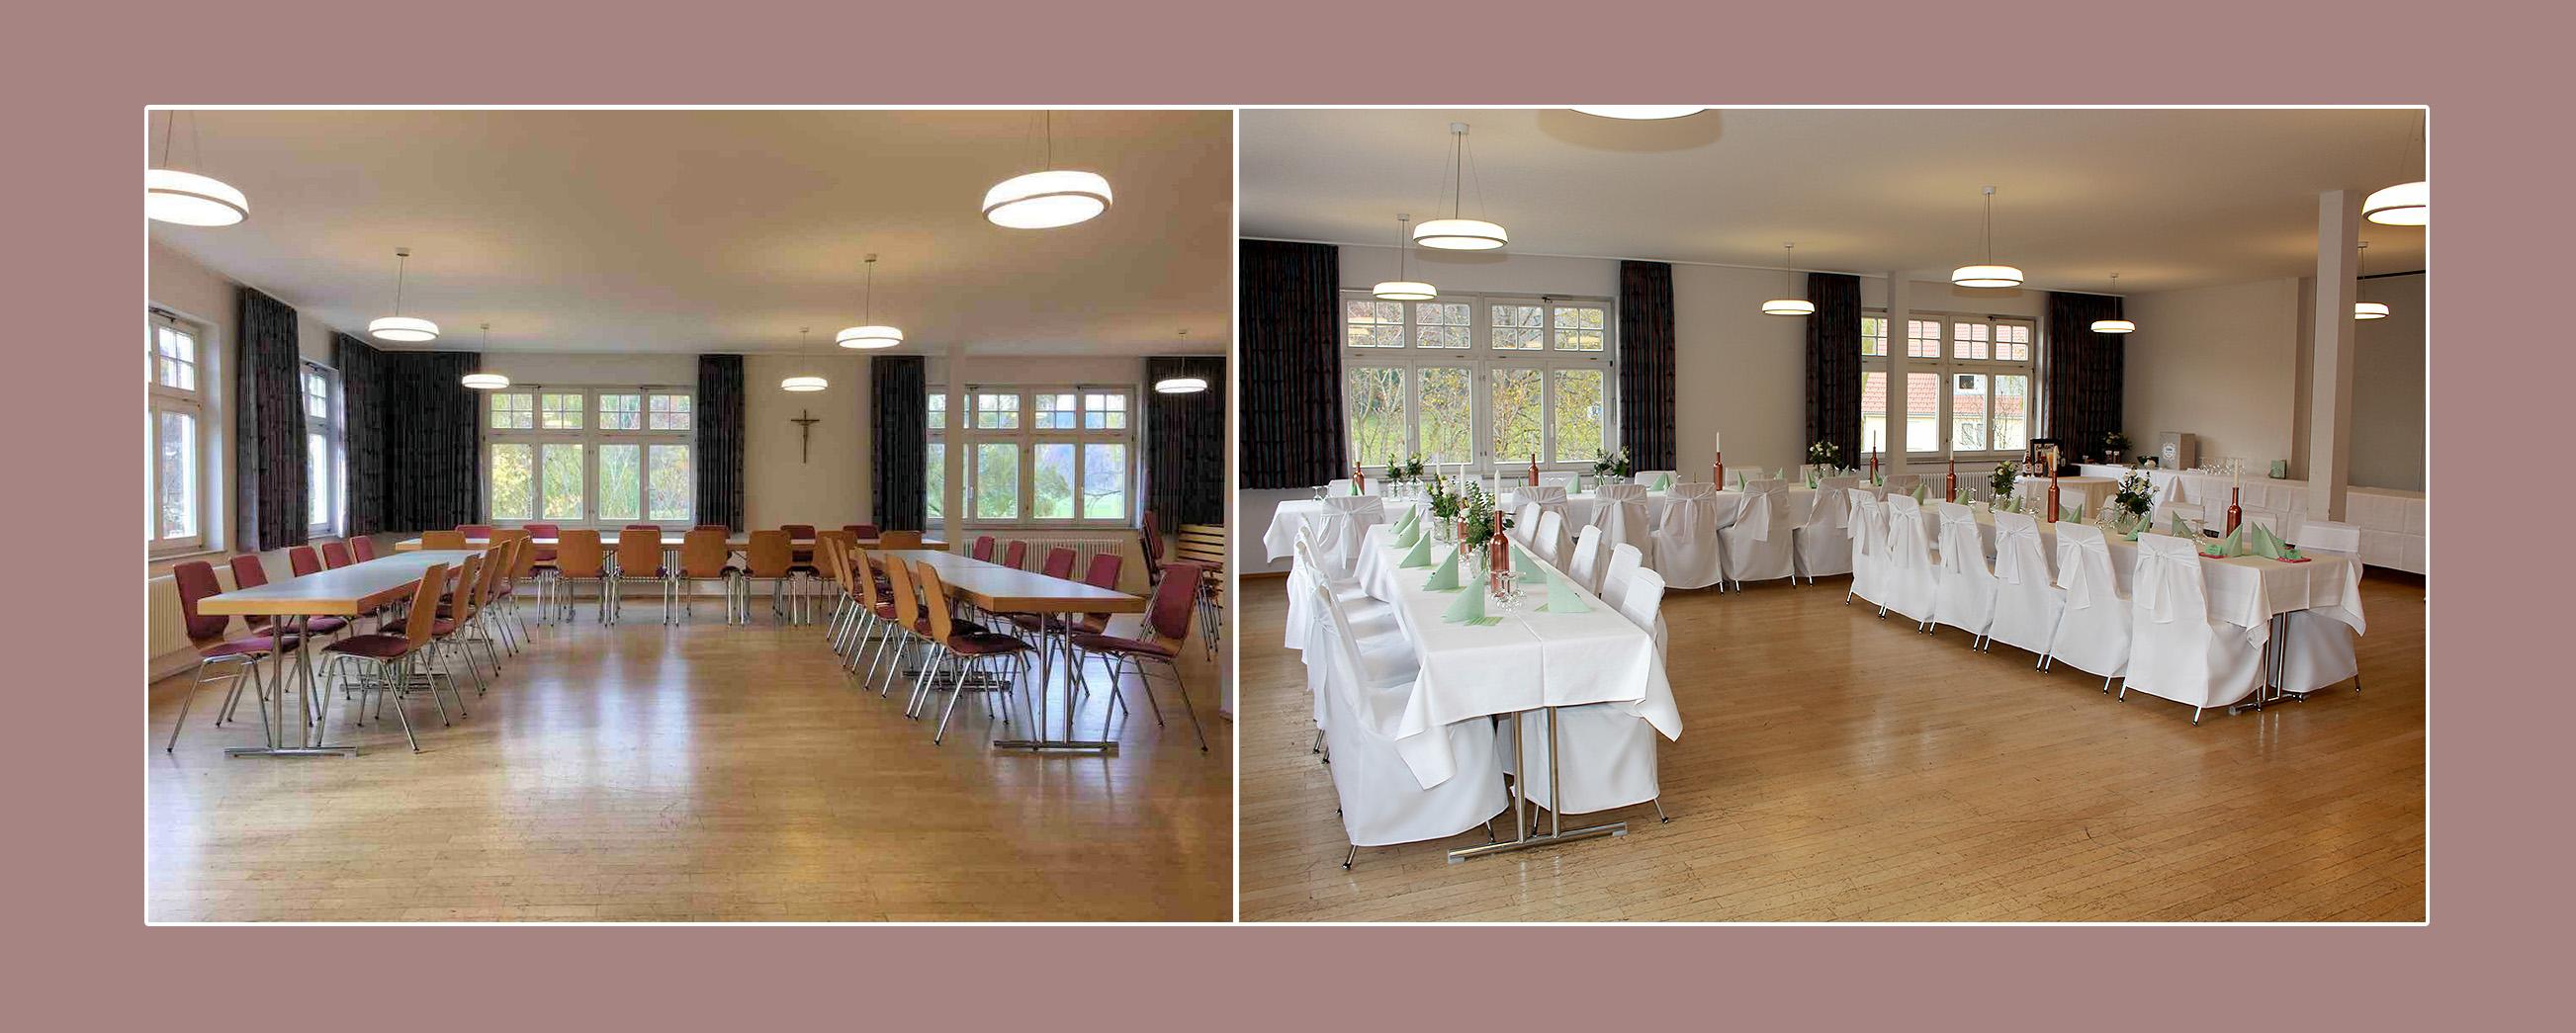 Hochzeitsdeko Hochzeitslocation Gemeindehaus Fridingen/Donau - Umgebung Tuttlingen, Villingen Schwenningen, Singen